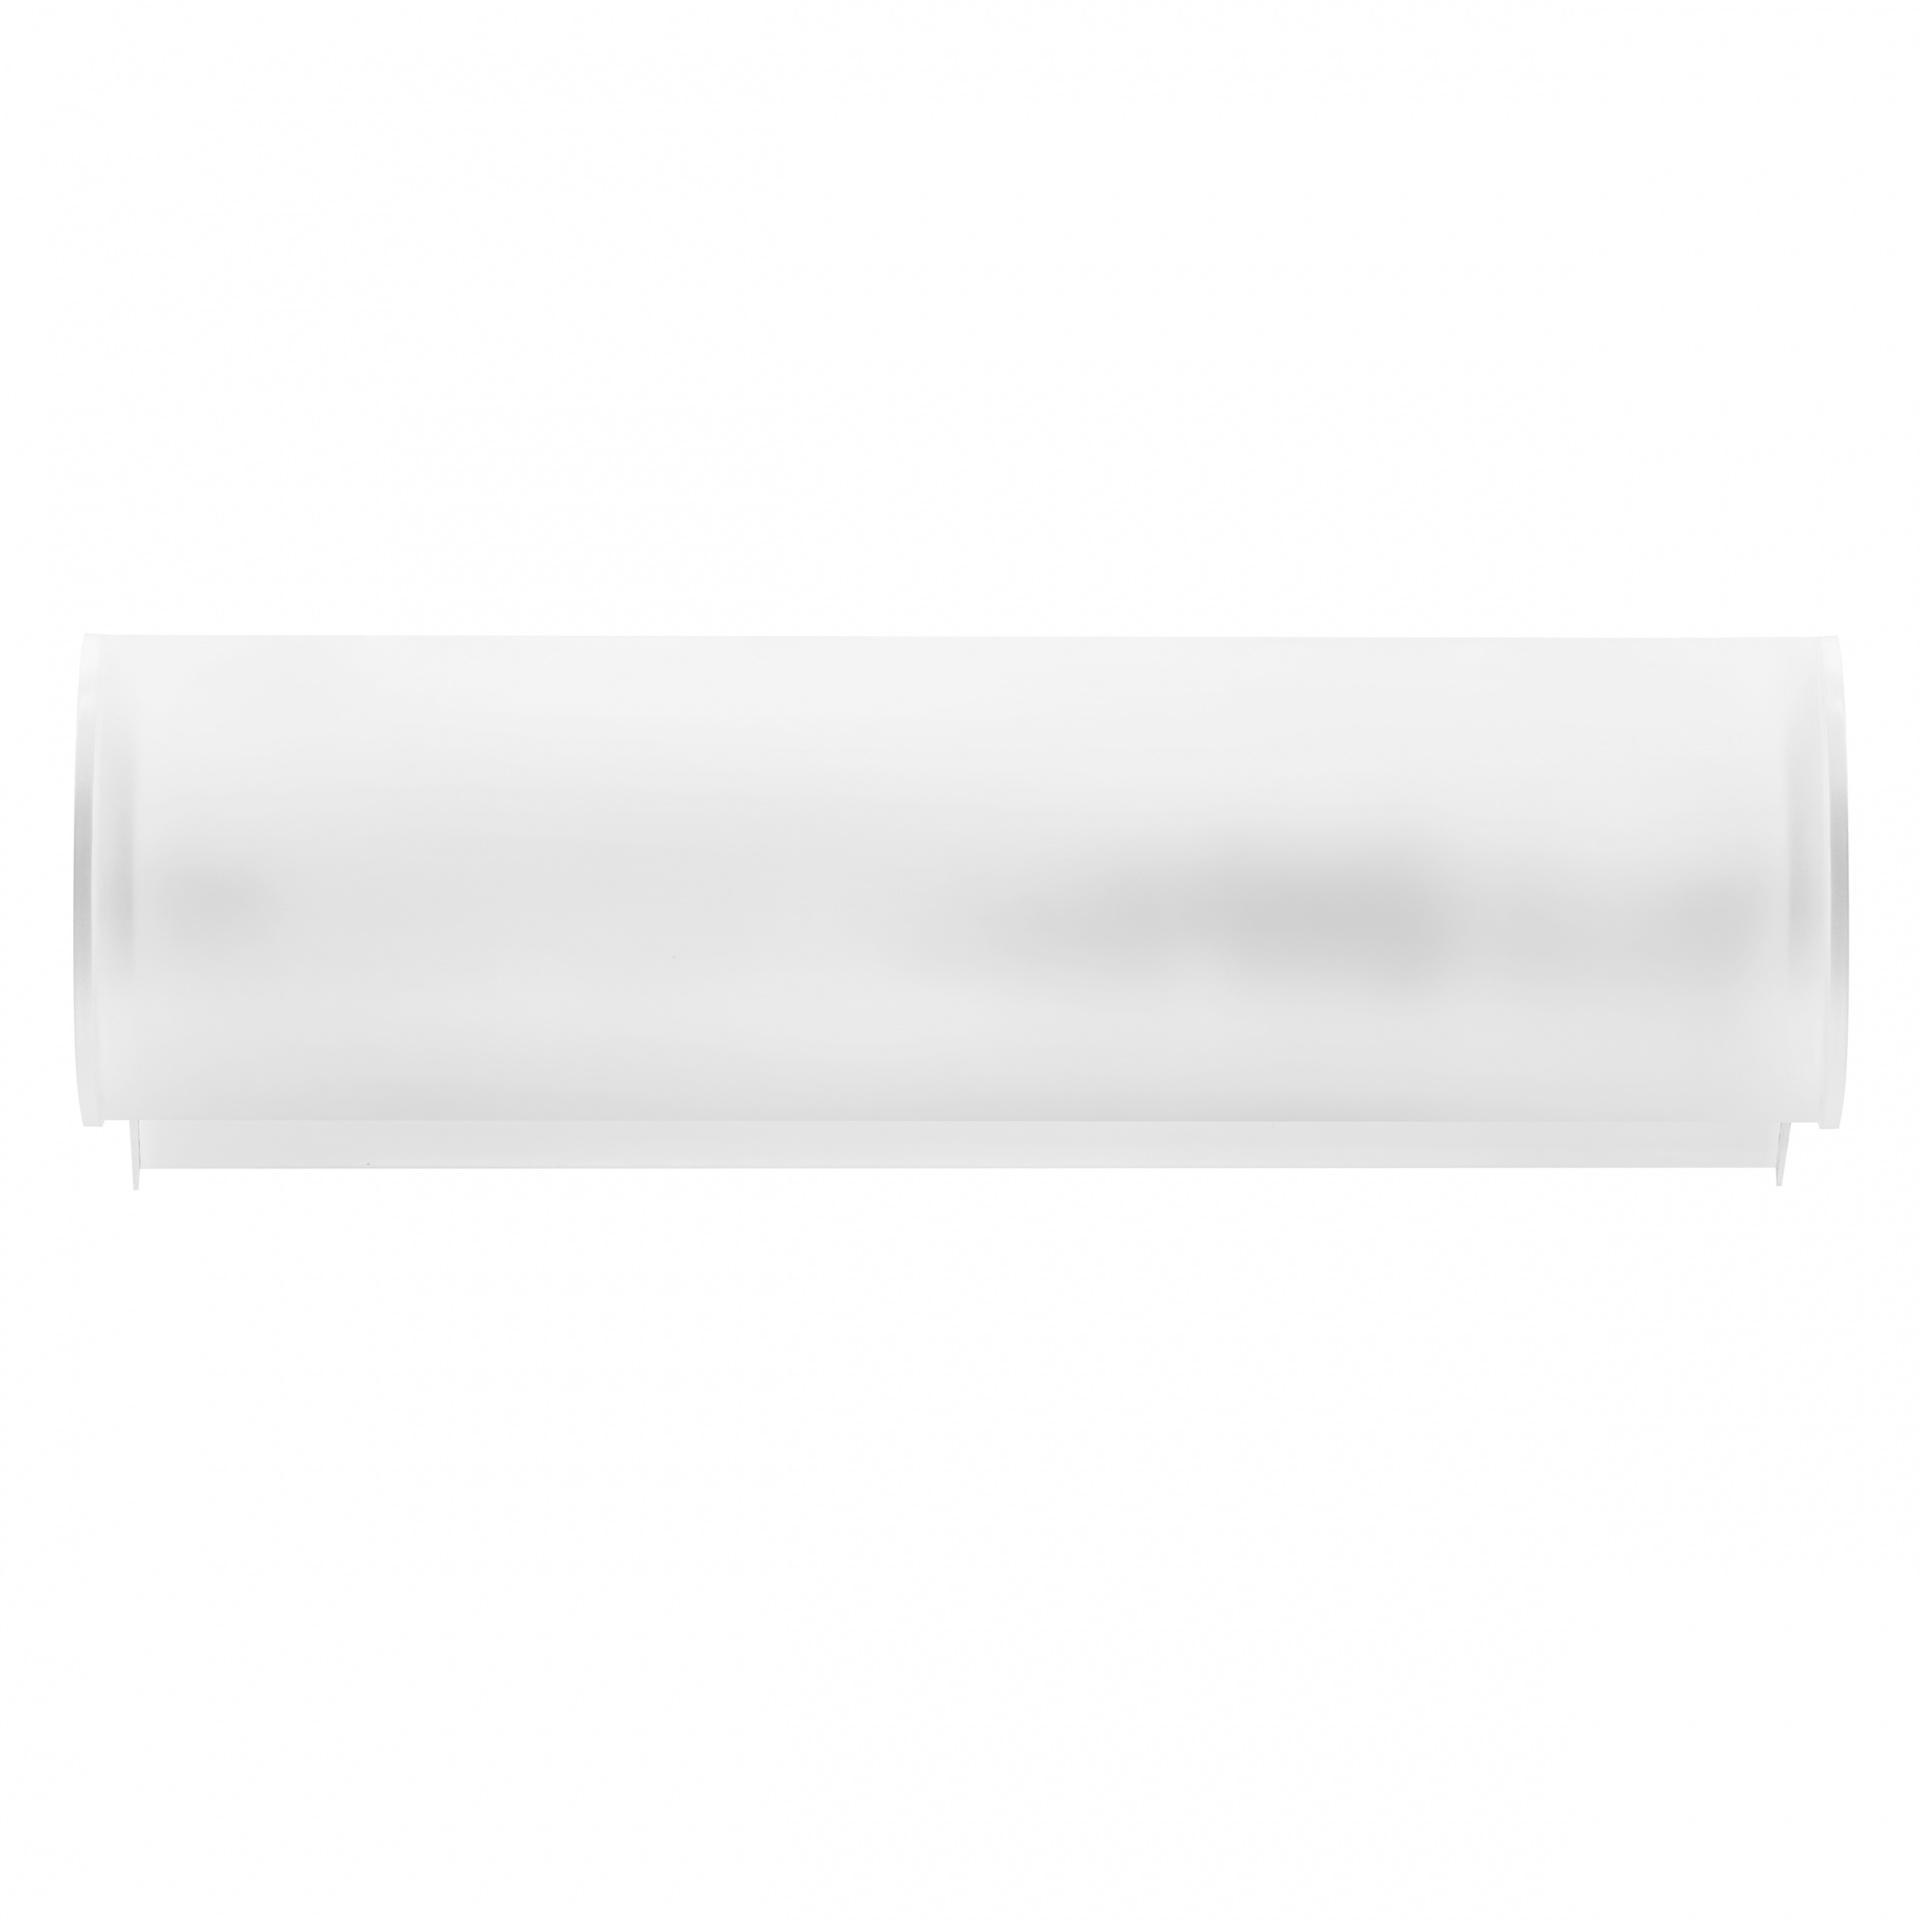 Светильник настенный Blanda 1х40W E14 белый Lightstar 801816, купить в СПб, Москве, с доставкой, Санкт-Петербург, интернет-магазин люстр и светильников Starlight, фото в жизни